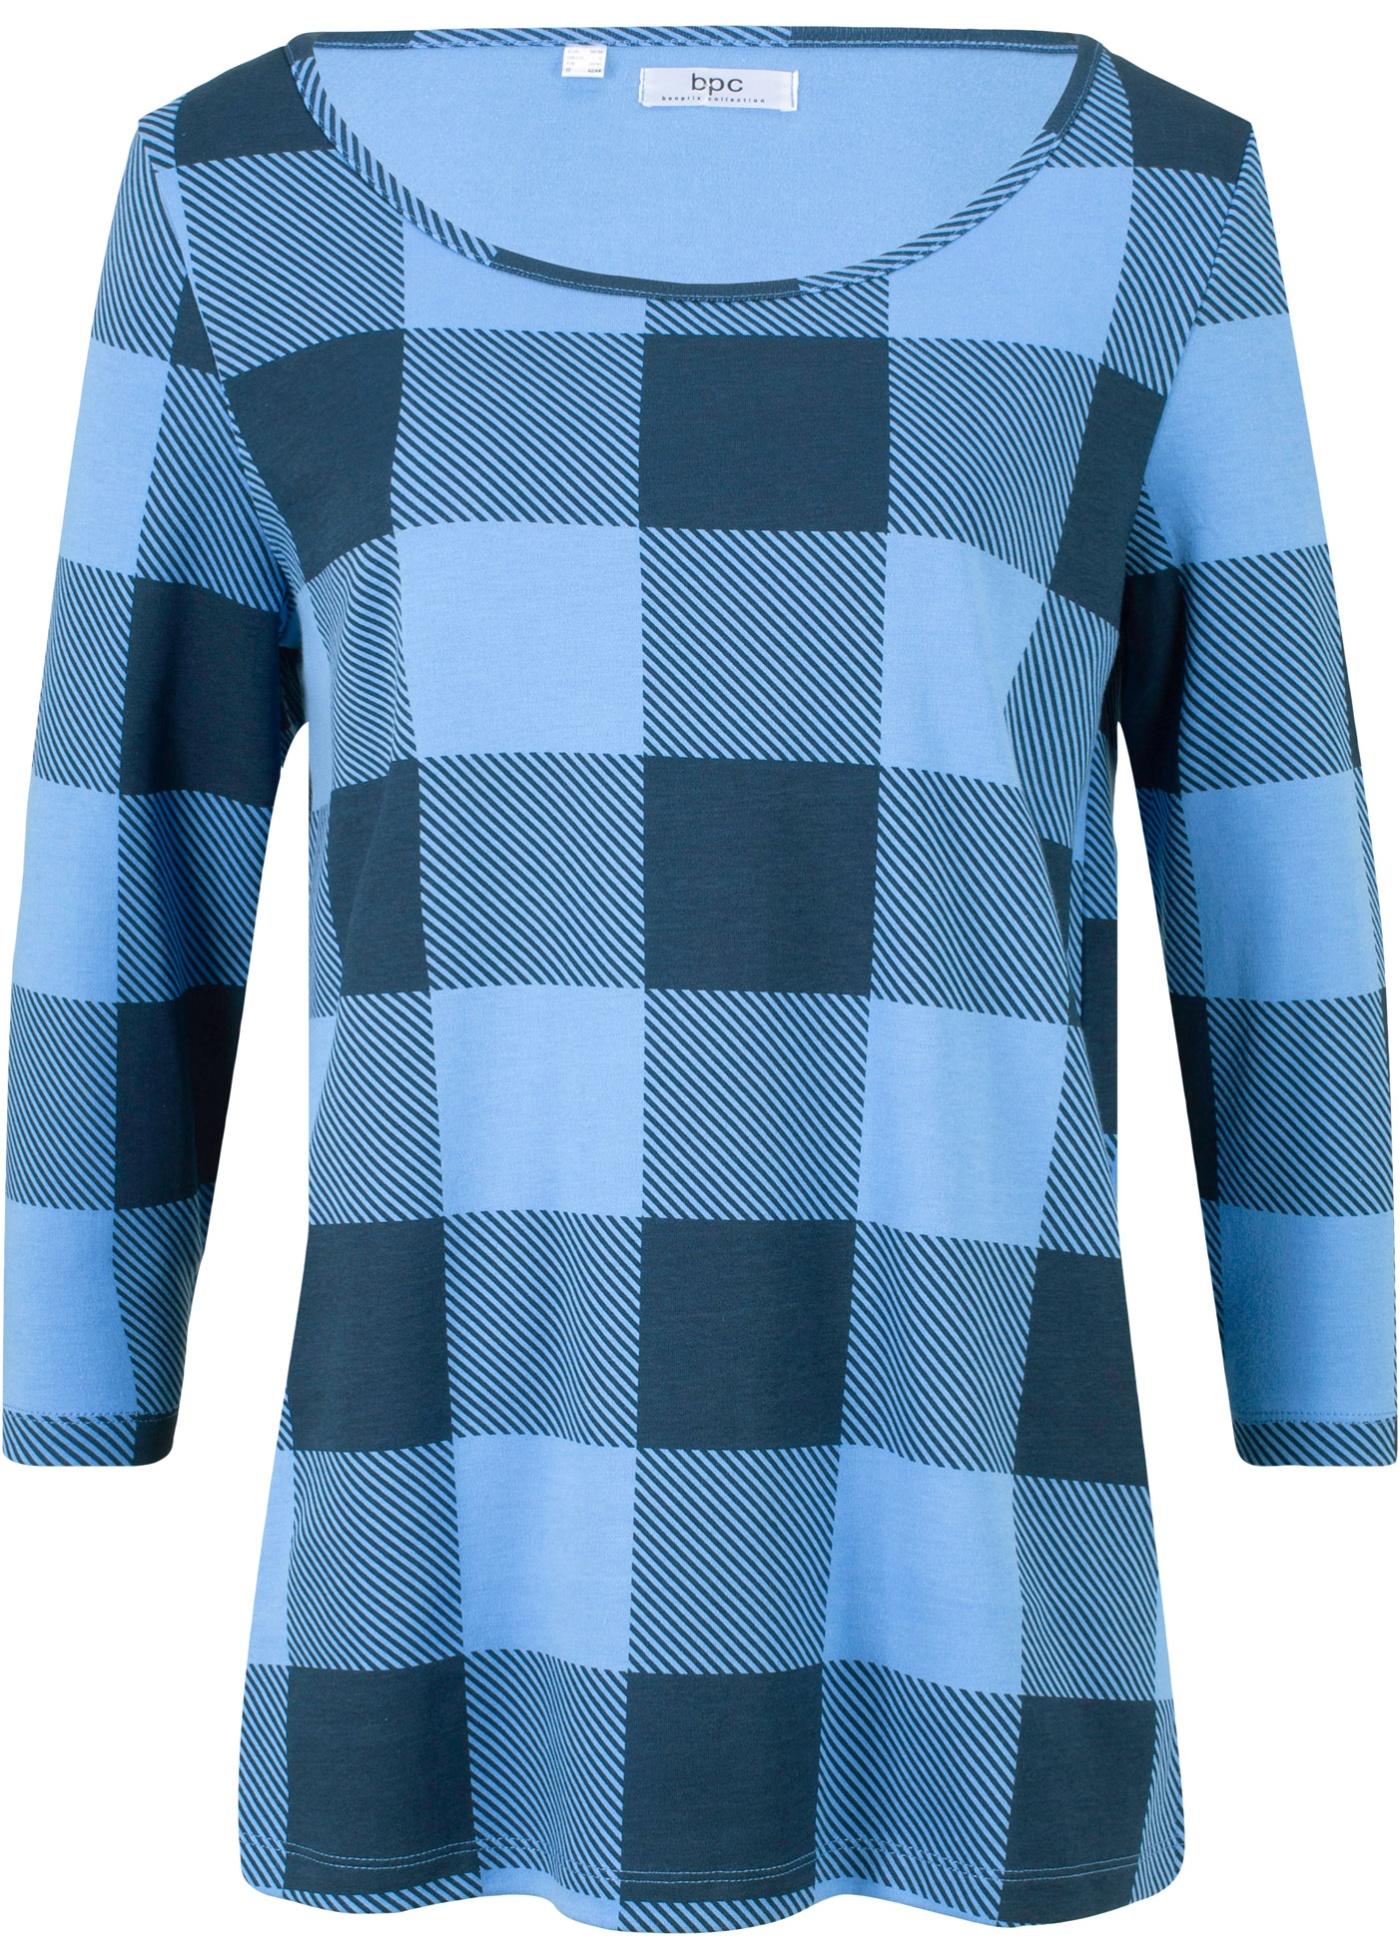 À Bpc Manches Pour Carreaux Bleu 3 Bonprix Femme 4 CollectionT shirt n0ON8XZwPk